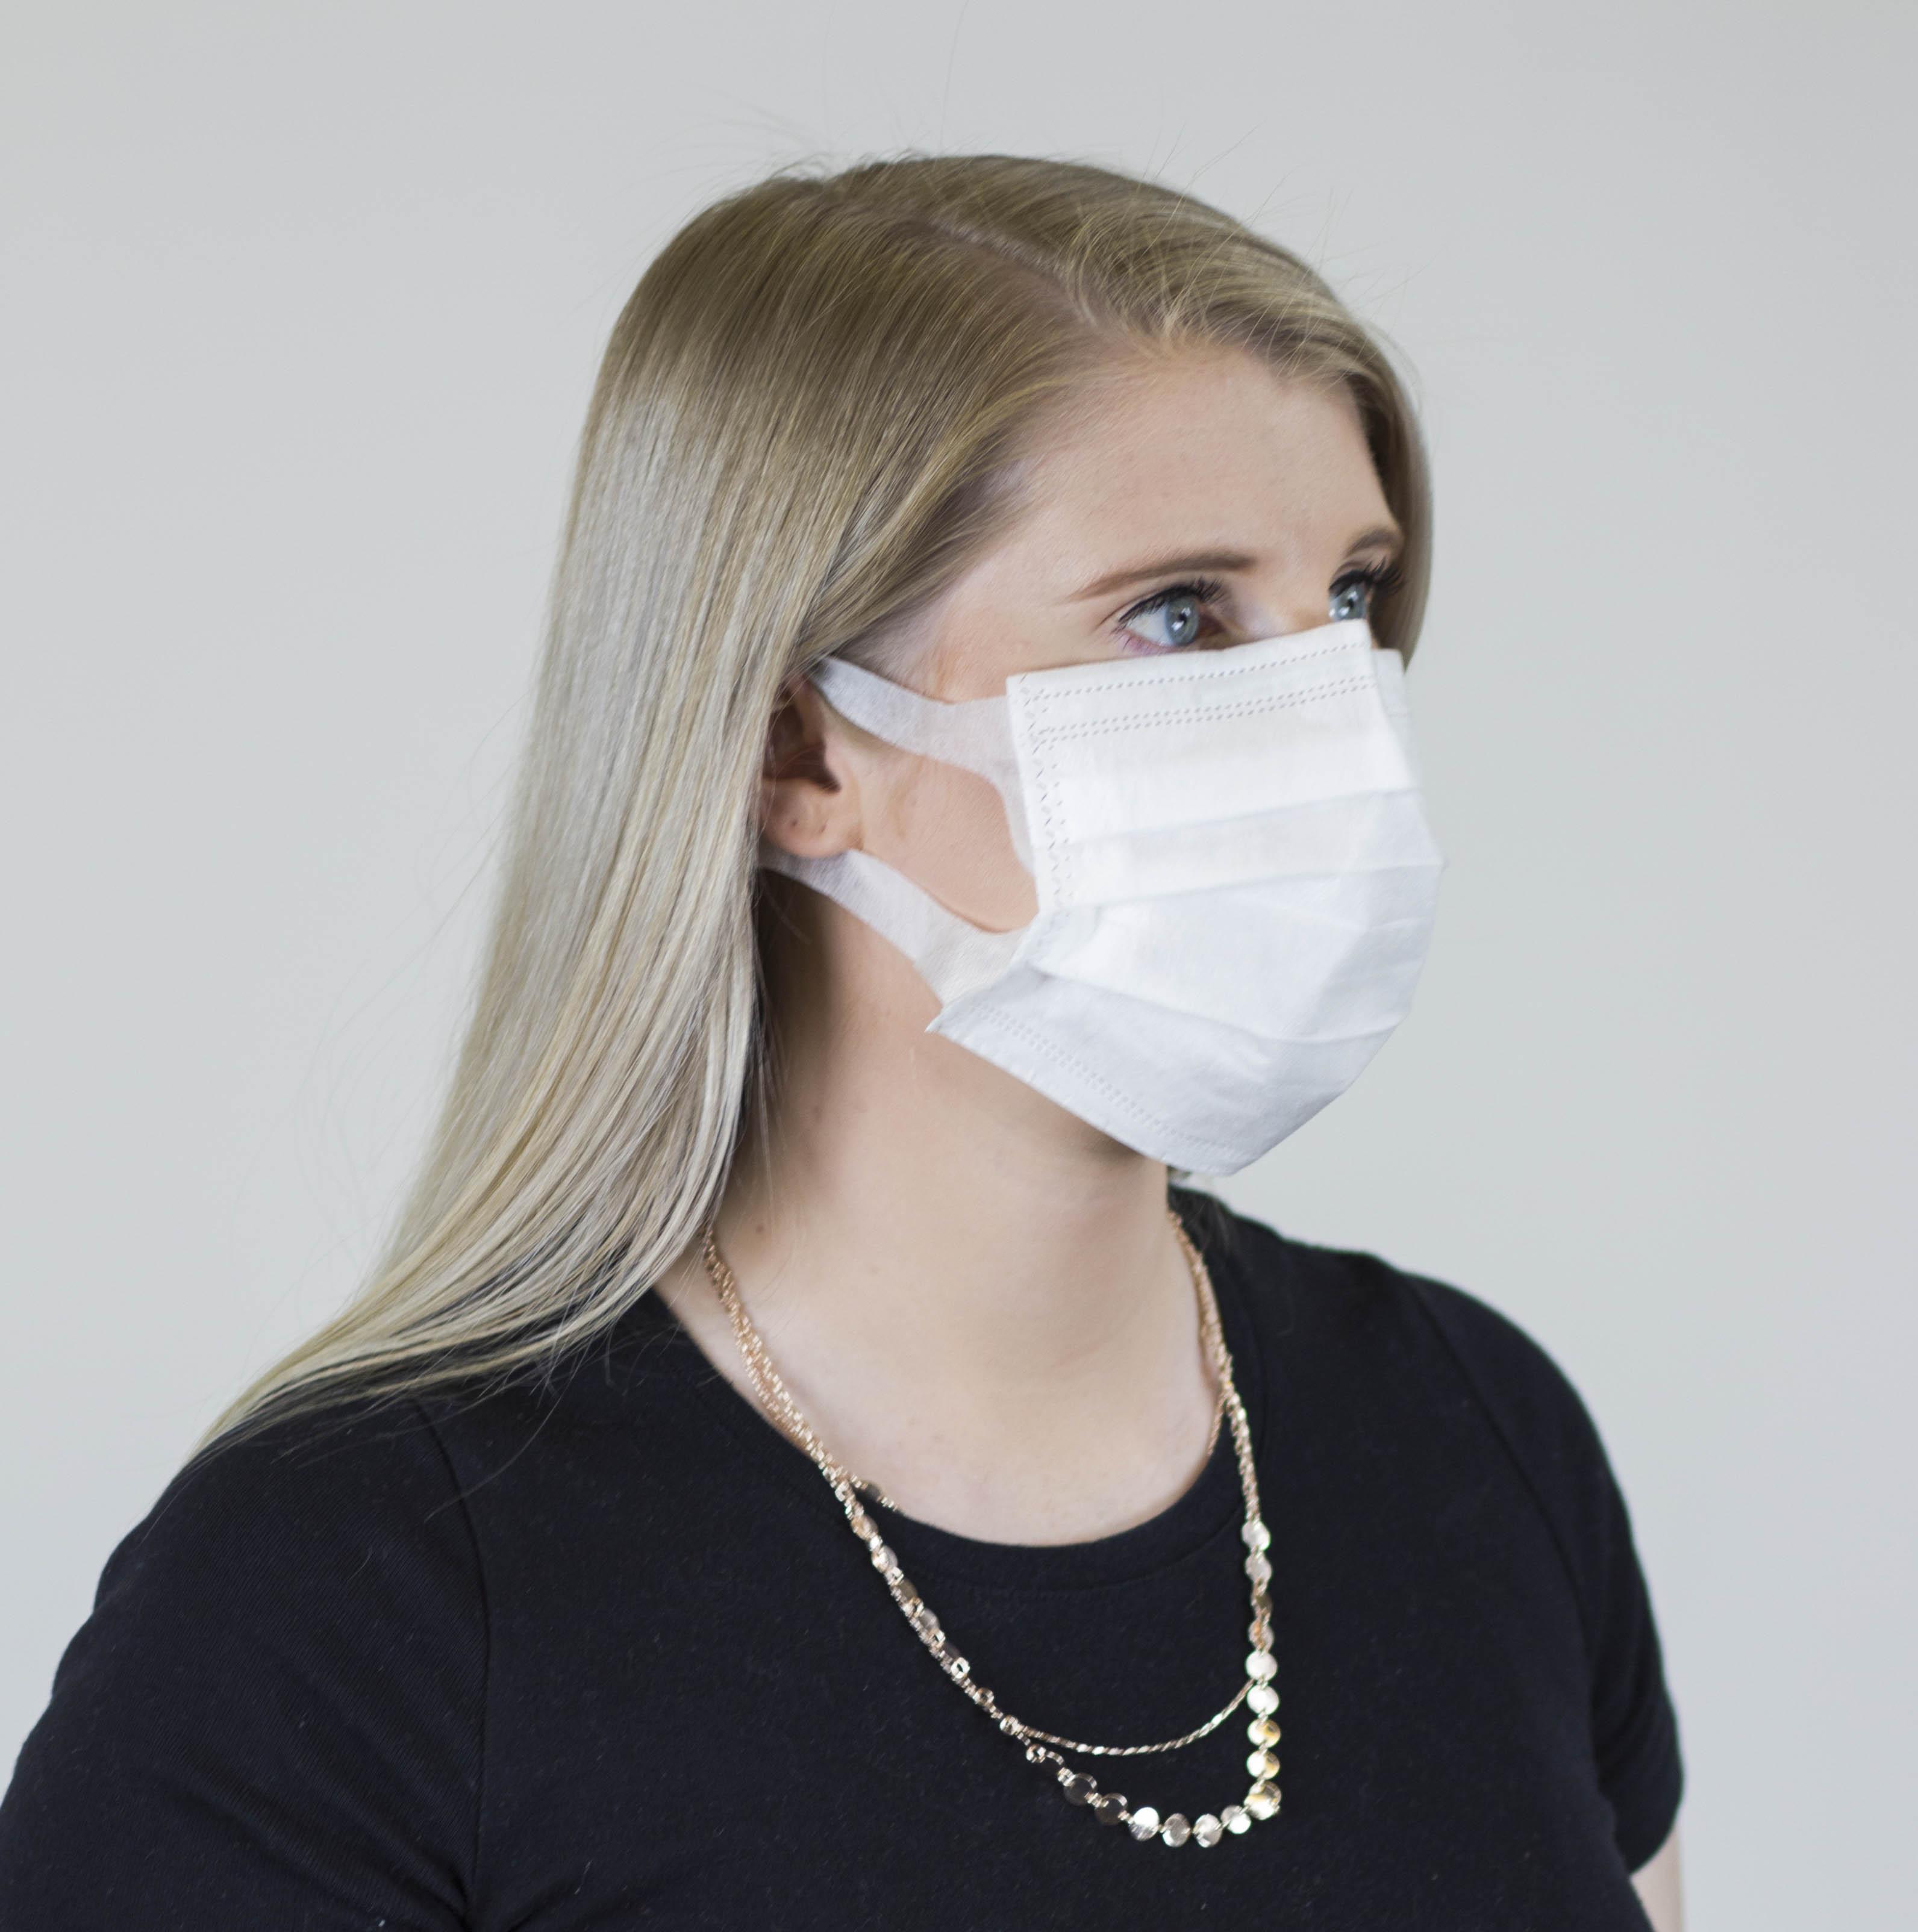 Nucom PPE